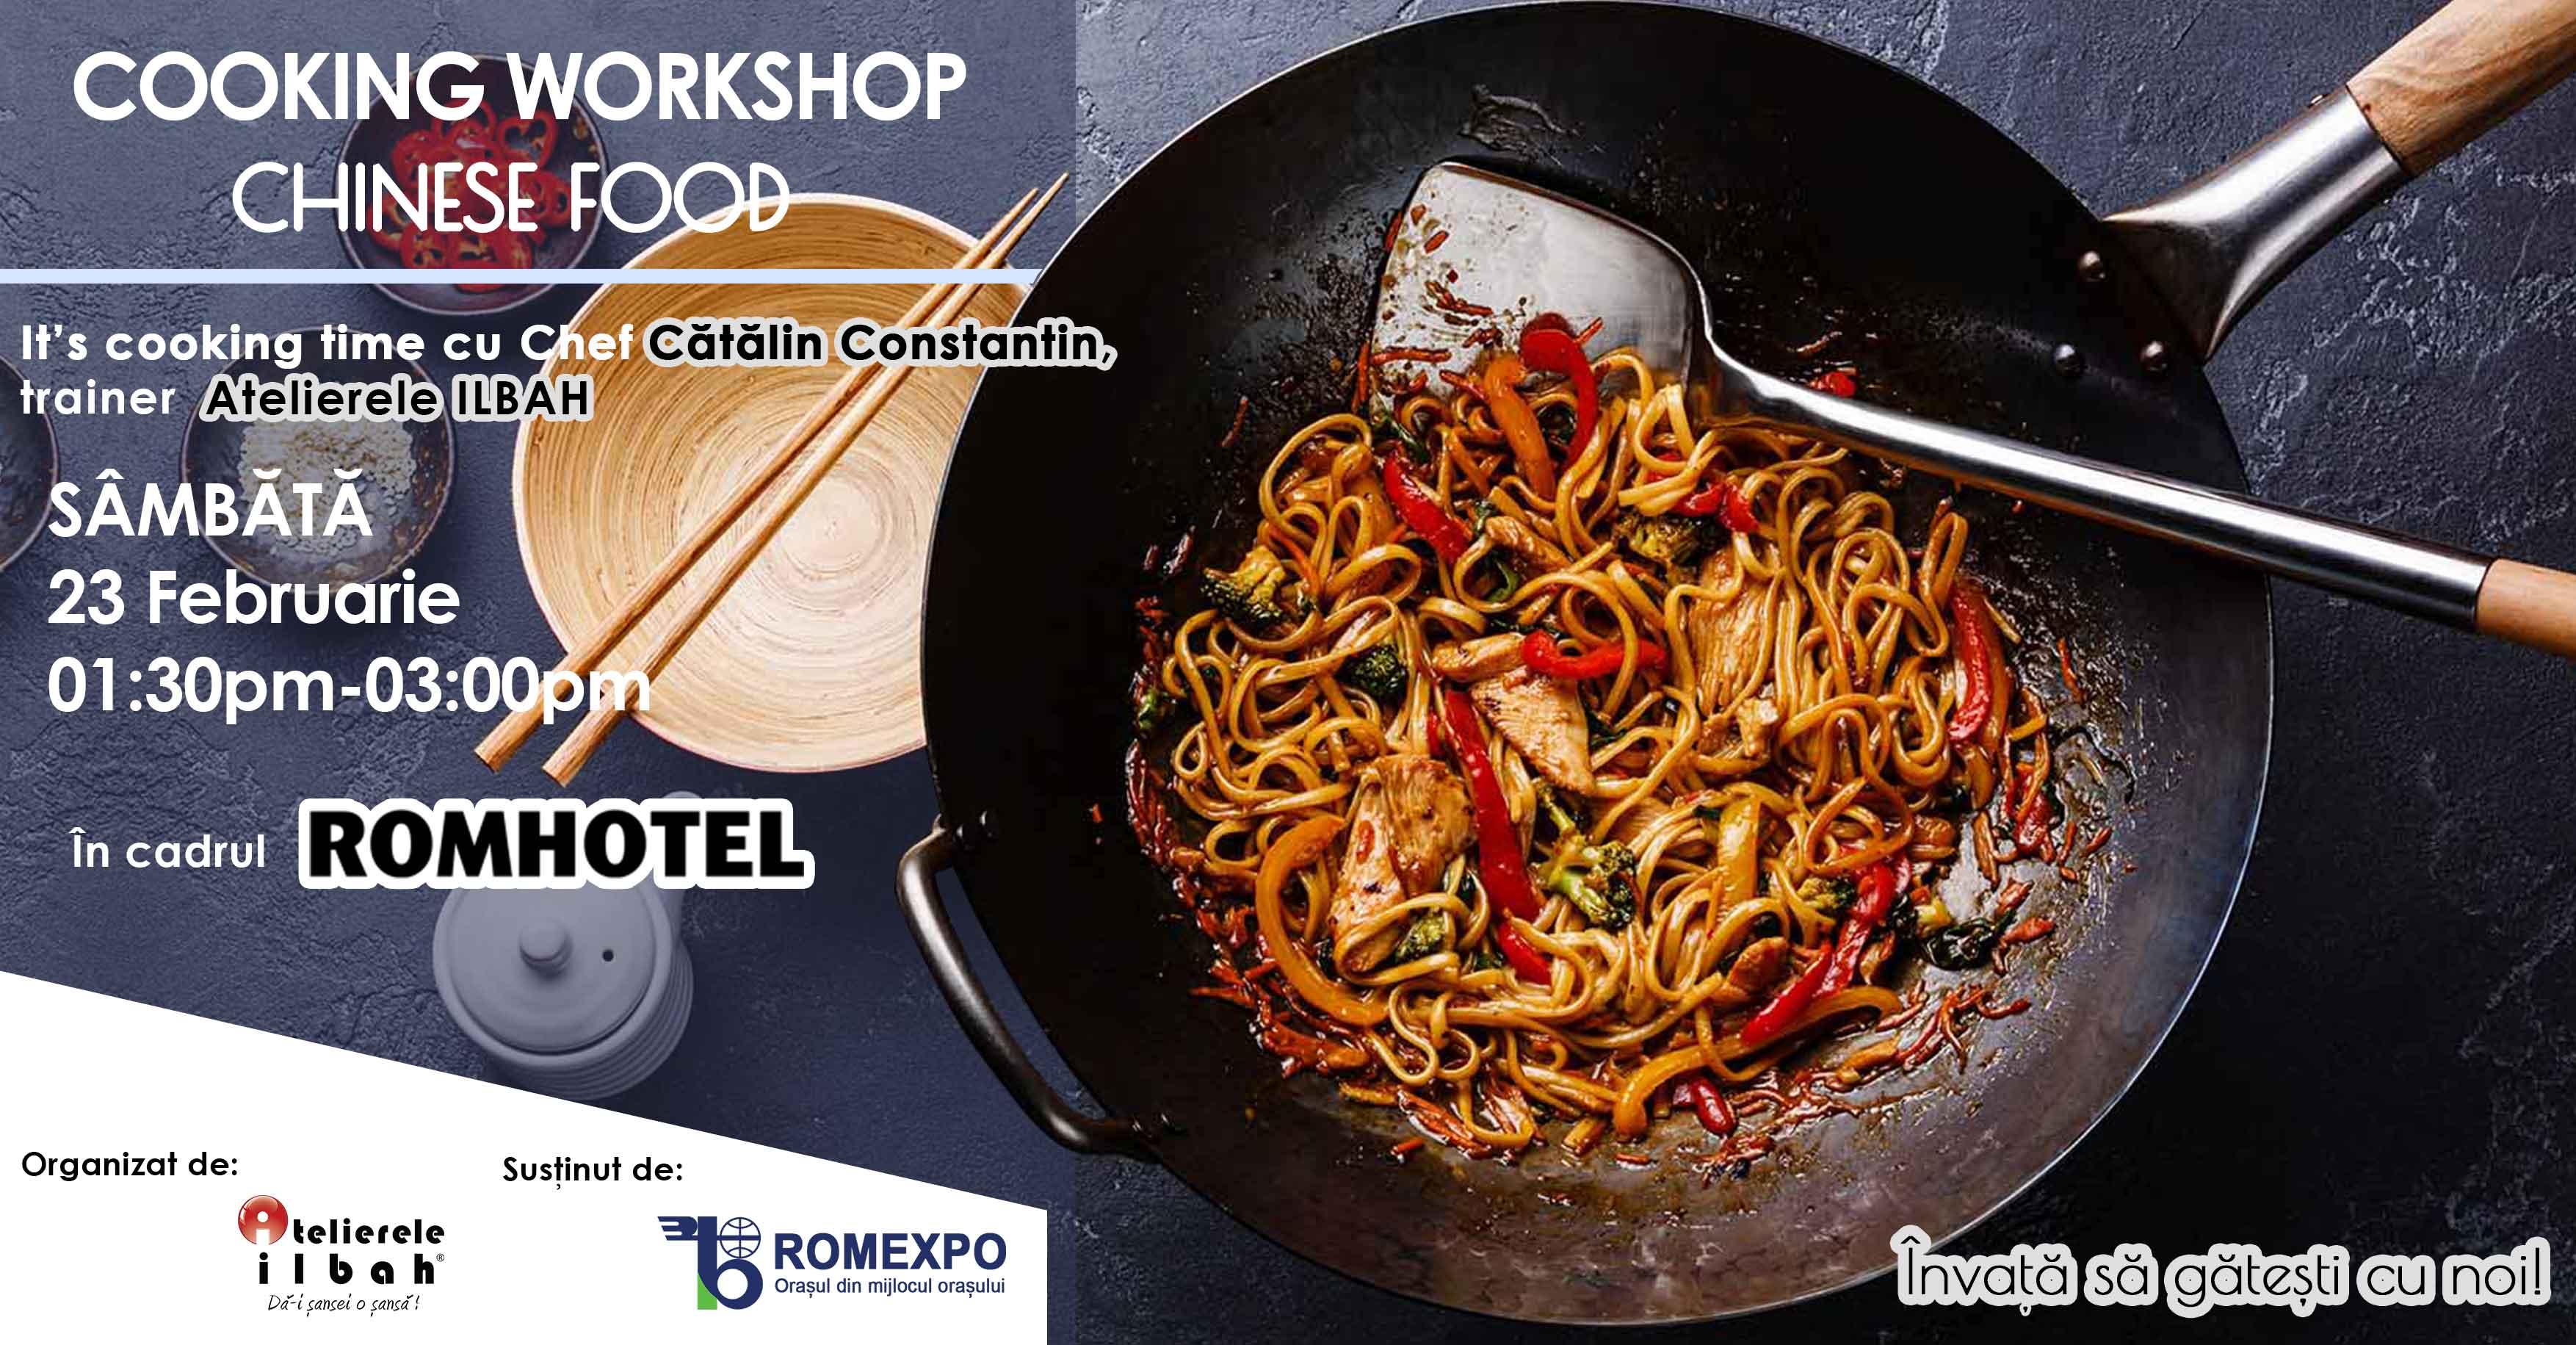 nu-rata-workshopurile-de-cooking-organizate-de-atelierele-ilbah-in-cadrul-romhotel-2019-6